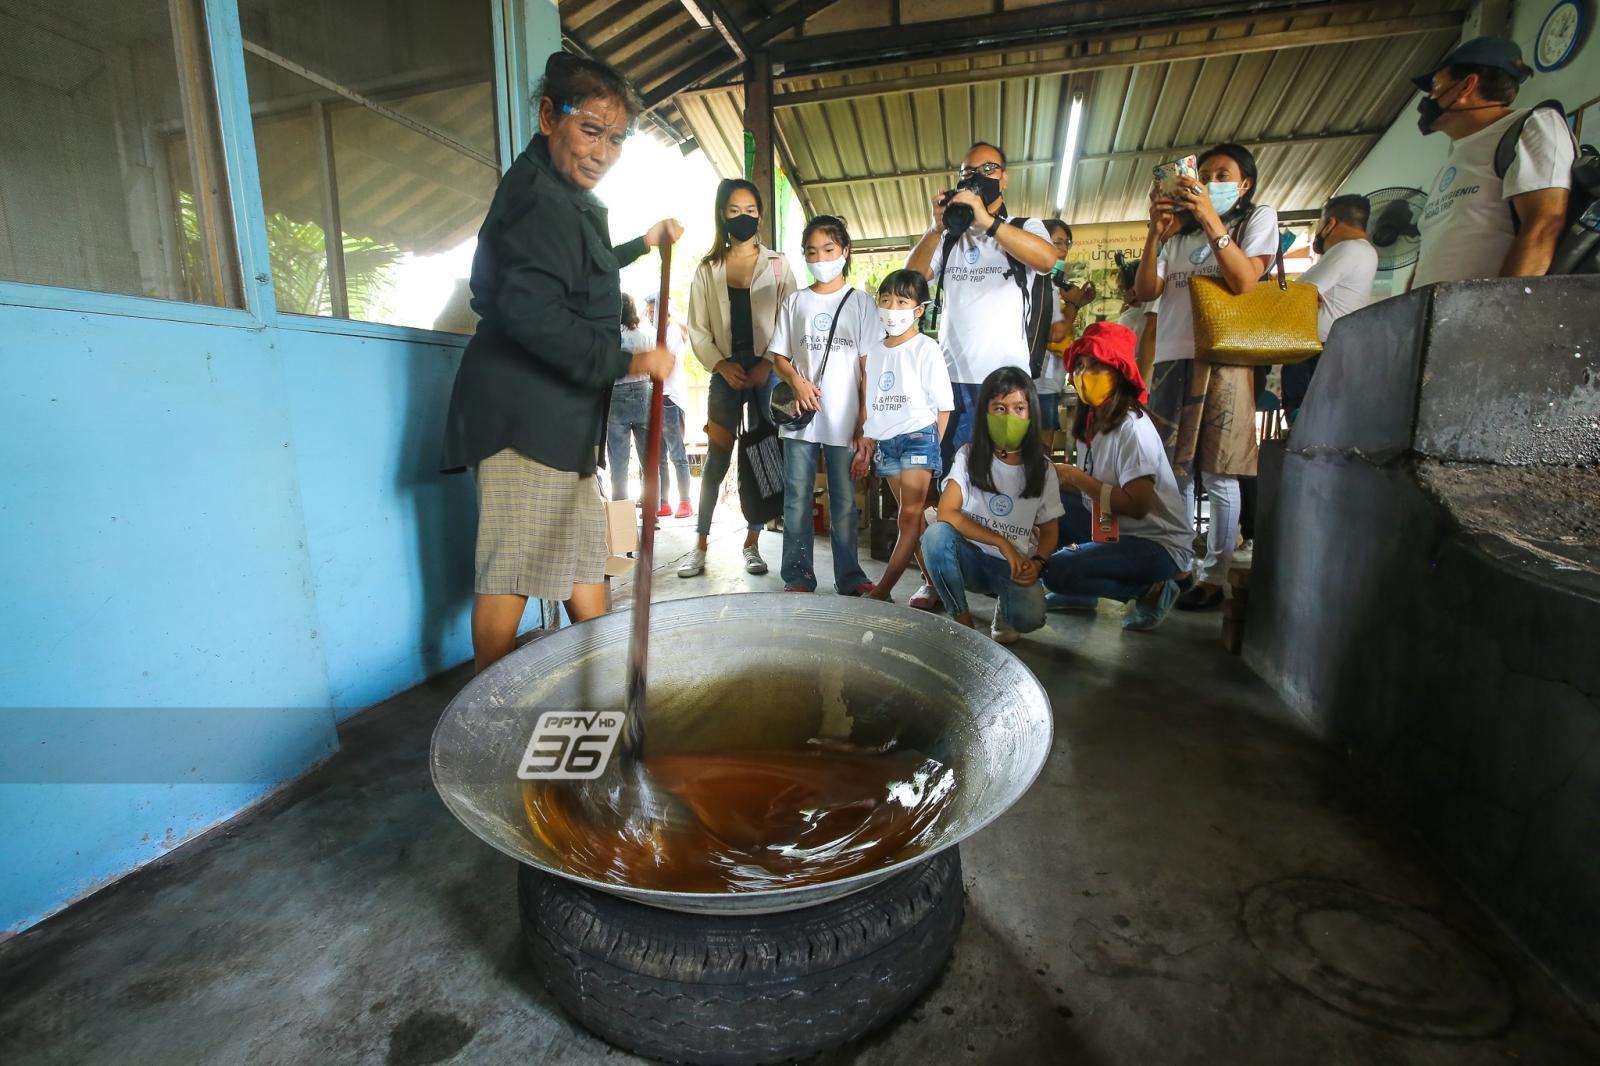 8 จุดเช็คอิน เที่ยวสนุก ปลอดภัย ปลอดโรค เส้นทางกรุงเทพฯ-สมุทรสงคราม-ราชบุรี